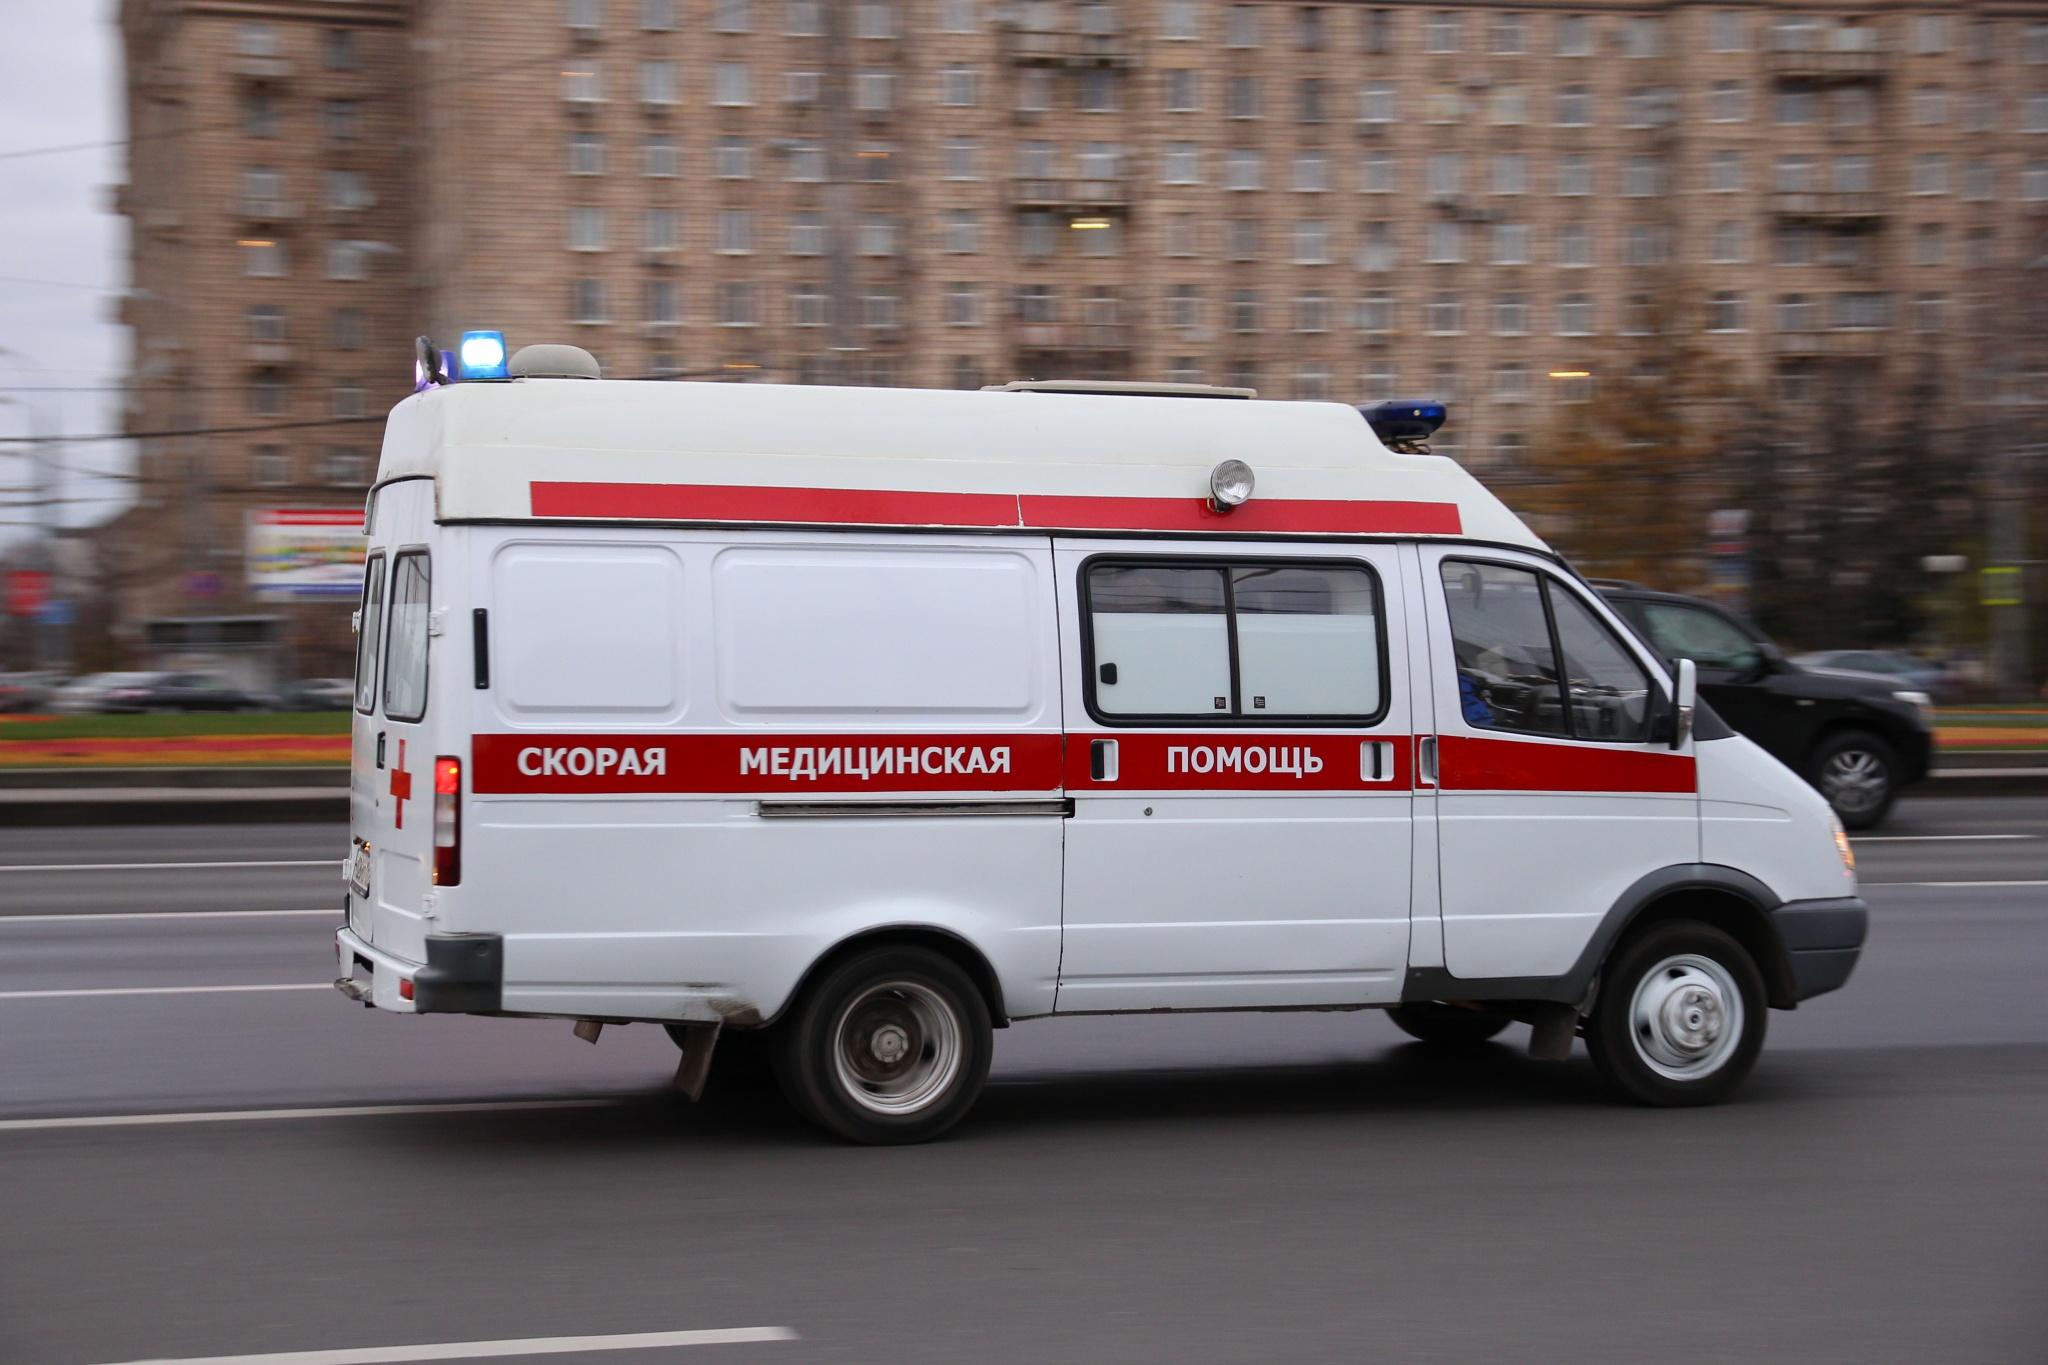 Фельдшеры «скорой» во Владимире на подозрение коронавируса ездят без спецодежды